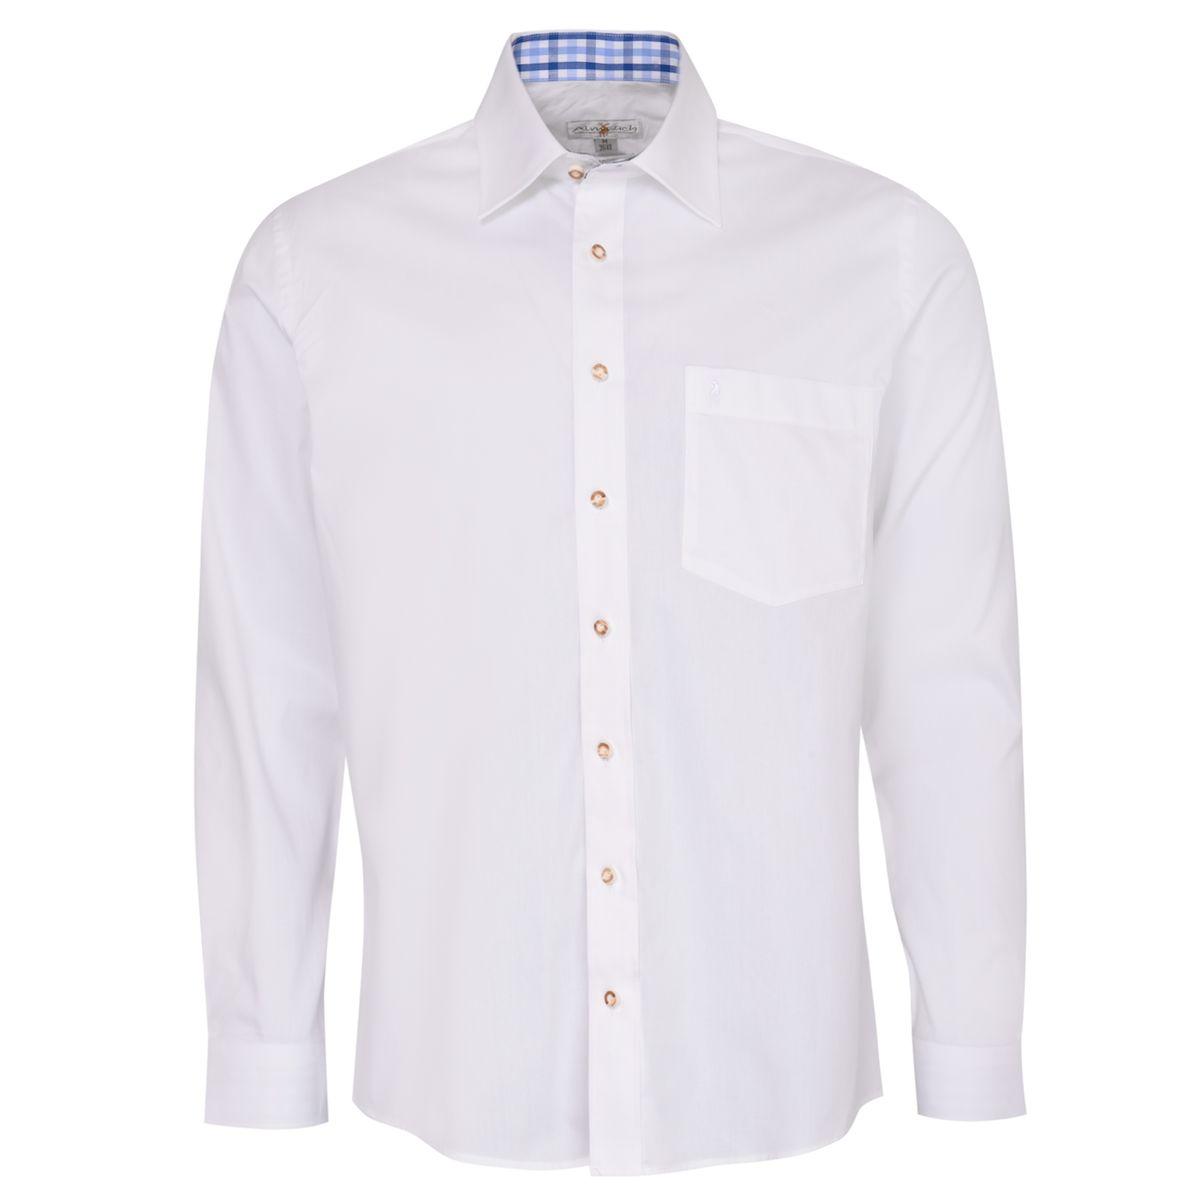 Trachtenhemd Heiko Regular Fit zweifarbig in Weiß und Blau von Almsach günstig online kaufen